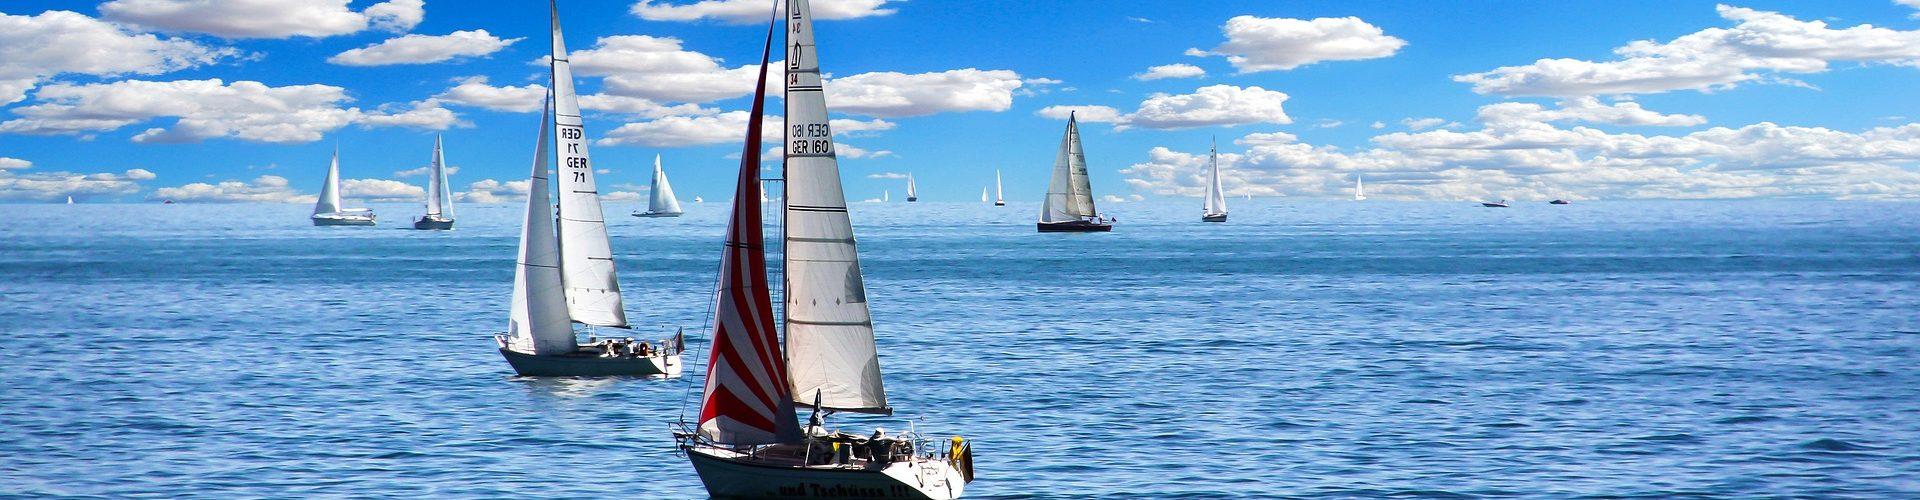 segeln lernen in Radolfzell am Bodensee segelschein machen in Radolfzell am Bodensee 1920x500 - Segeln lernen in Radolfzell am Bodensee